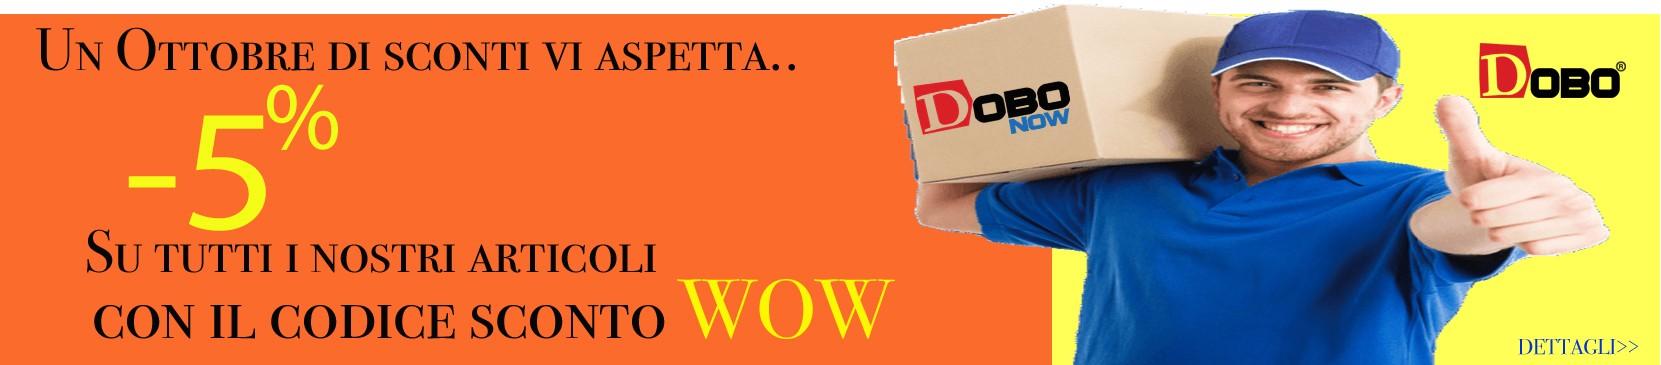 Ottobre 2020 con DOBO.it vi aspetta con tanti sconti e promozioni